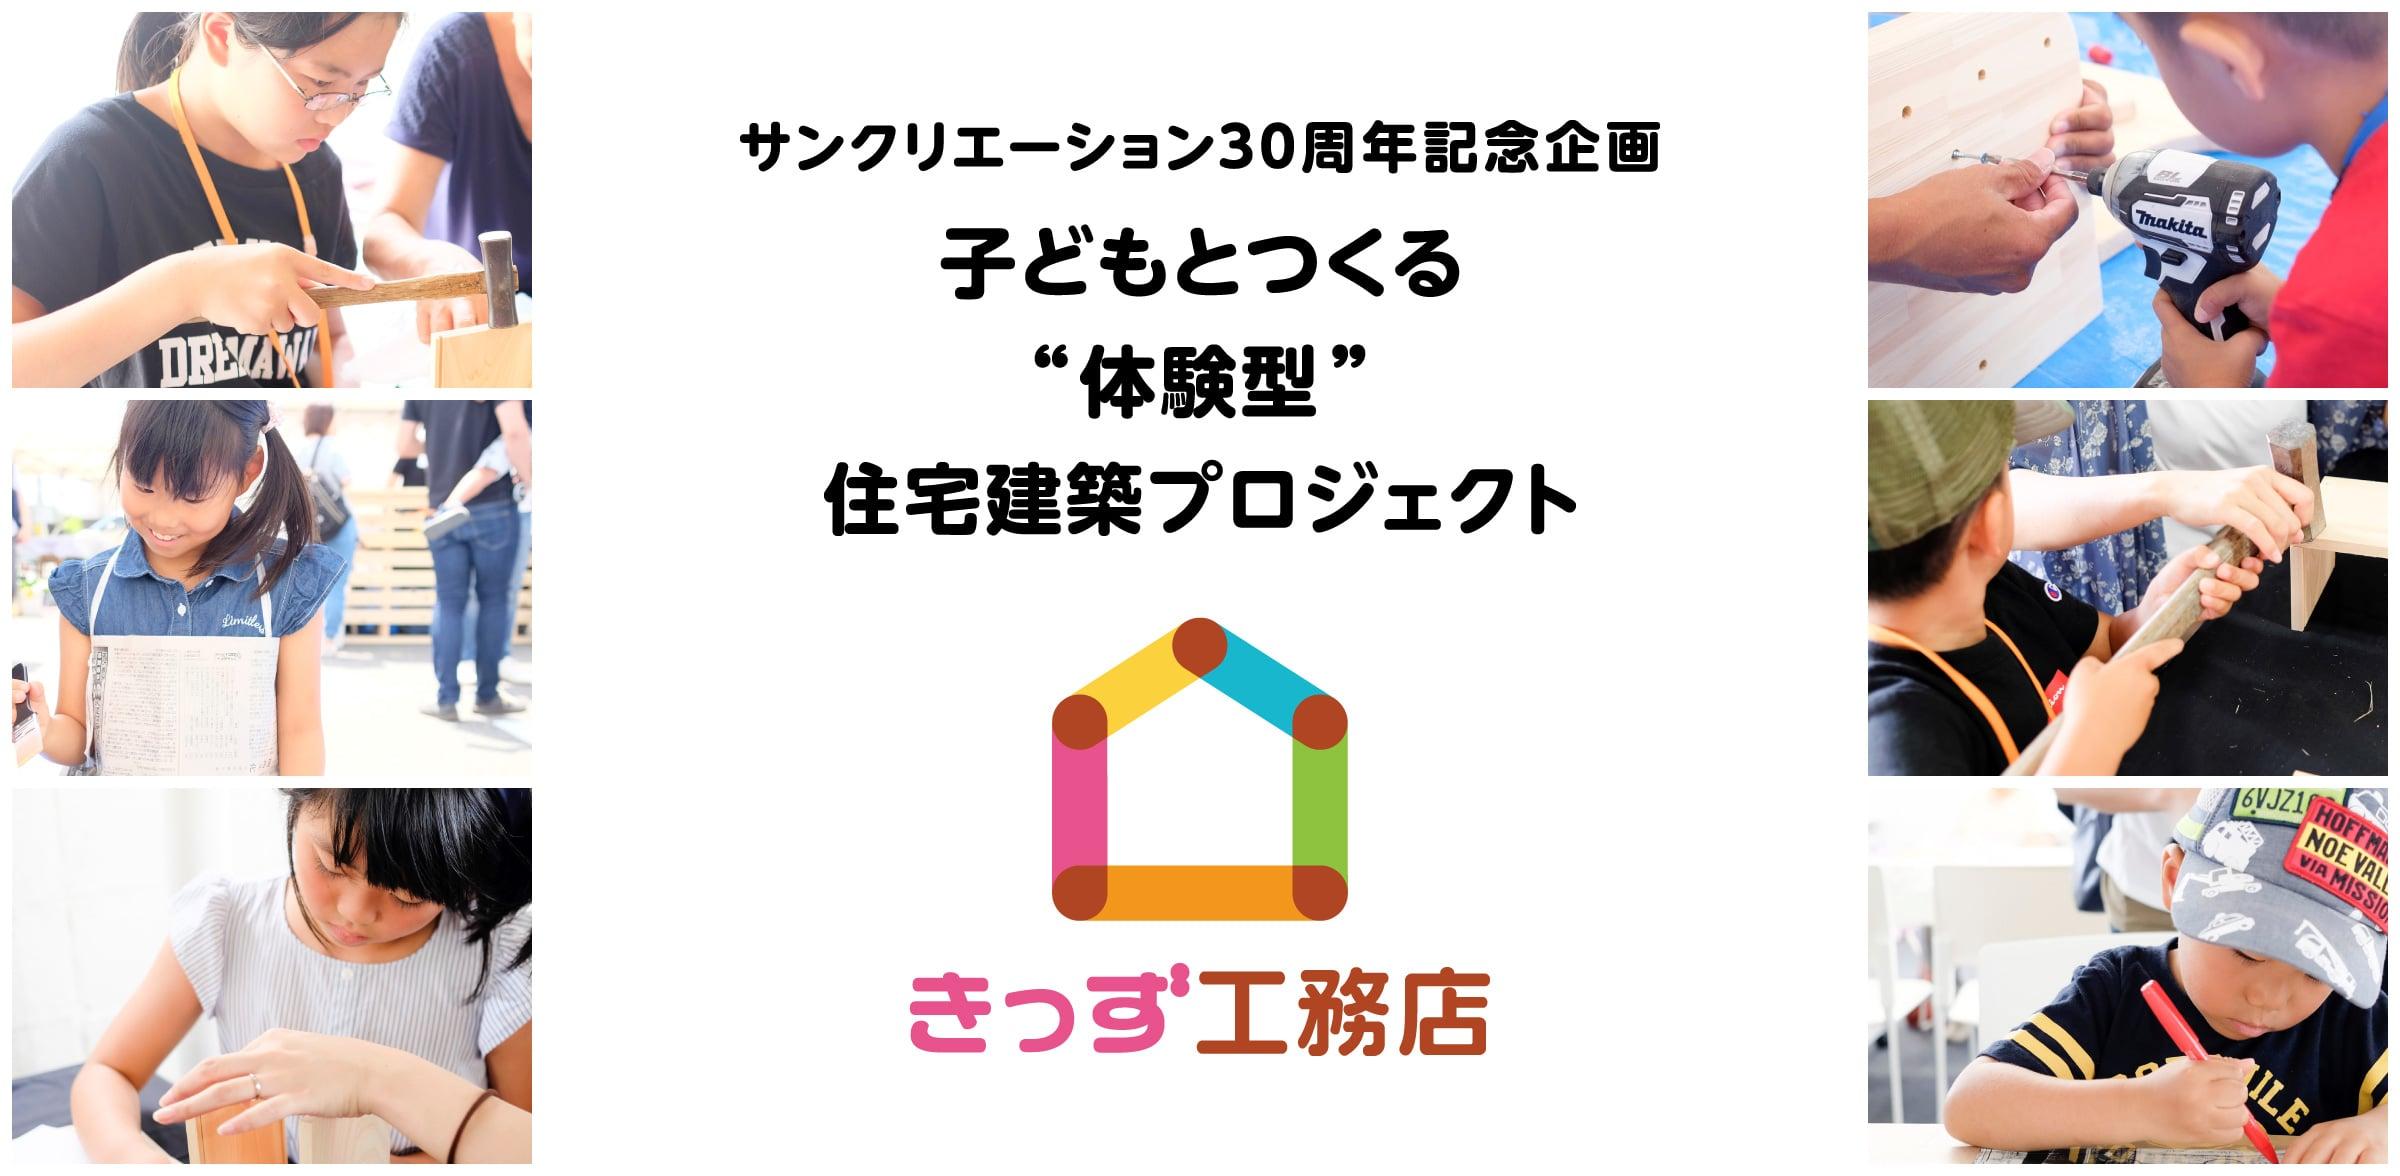 サンクリエーション30周年記念企画 子どもとつくる体験型住宅建築プロジェクト きっず工務店